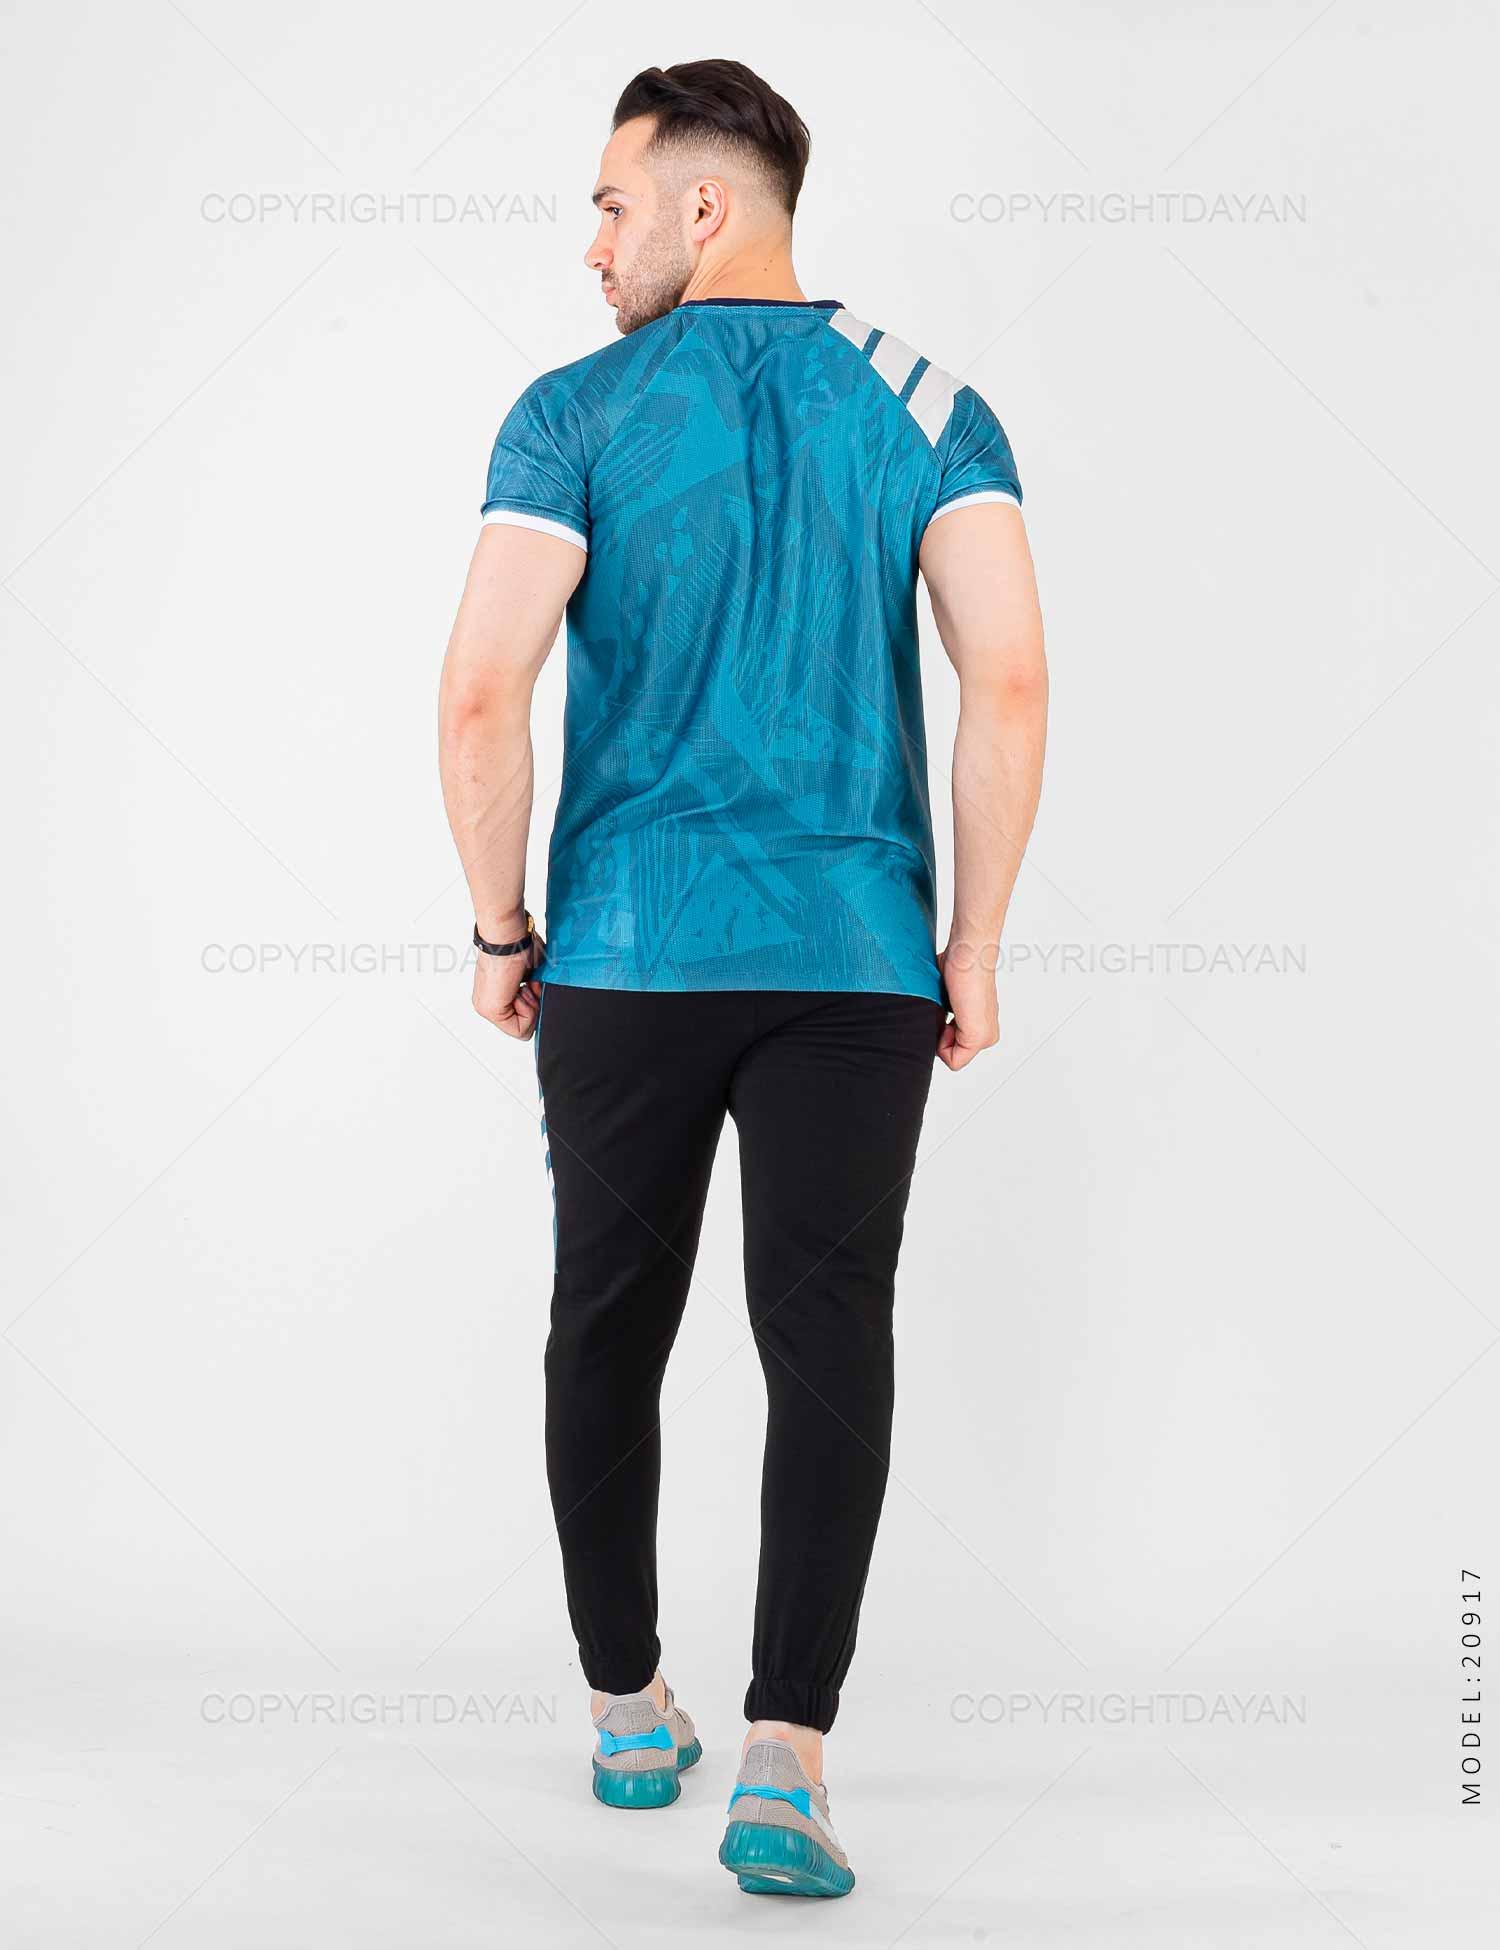 ست تیشرت و شلوار مردانه Esteghlal مدل 20917 ست تیشرت و شلوار مردانه Esteghlal مدل 20917 239,000 تومان